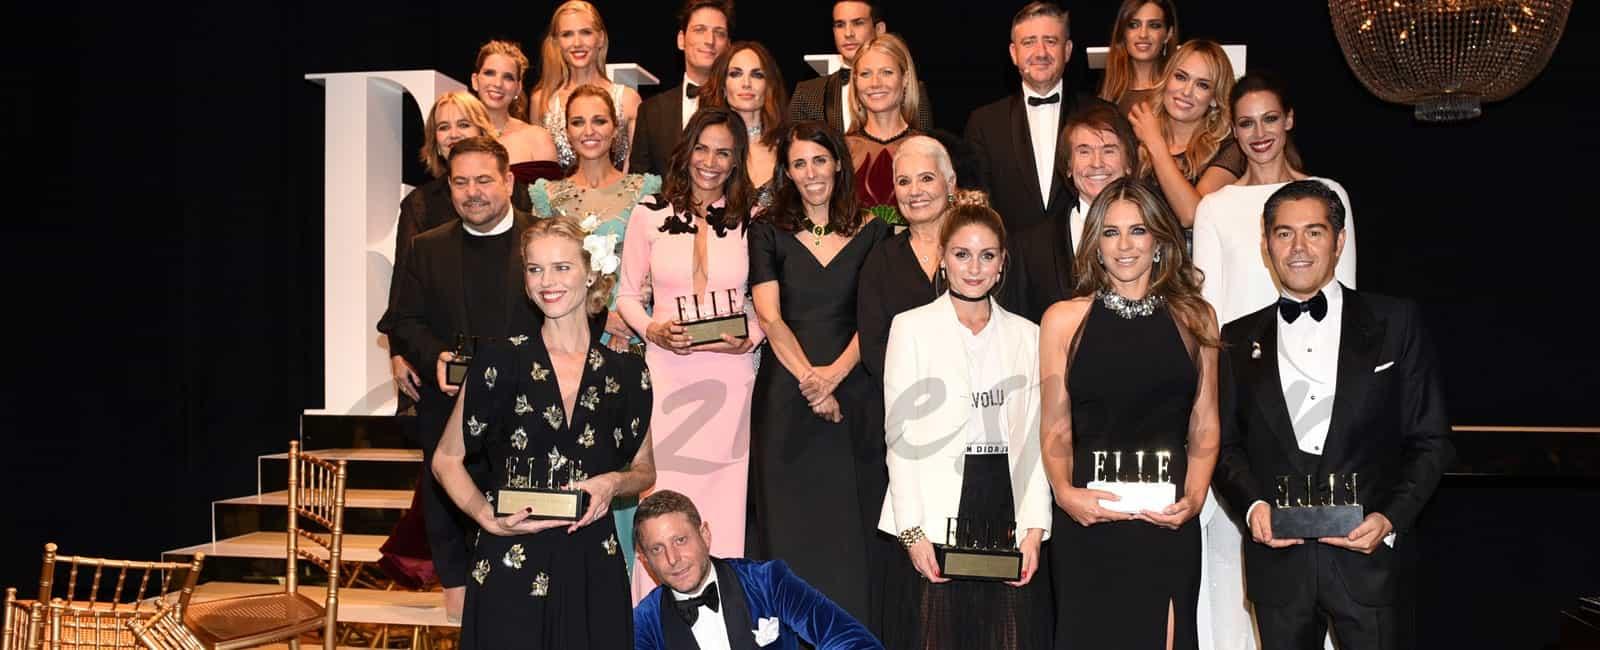 Elle Style Awards… ¿Qué look te gustó más?